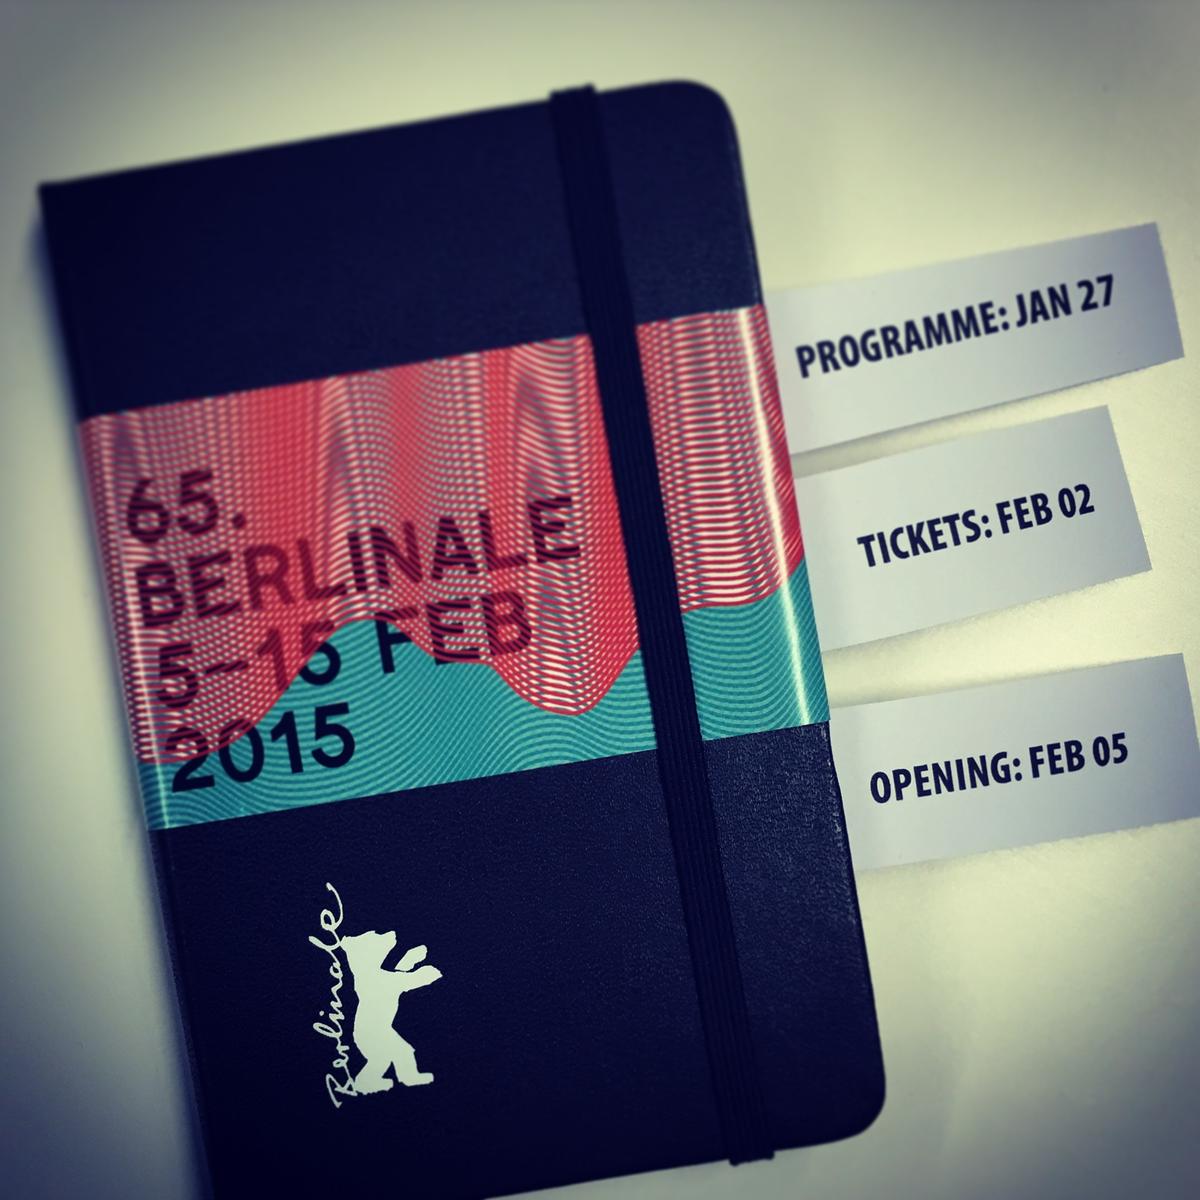 Berlinale On Twitter Mark Your Calendar Berlinale Httptco